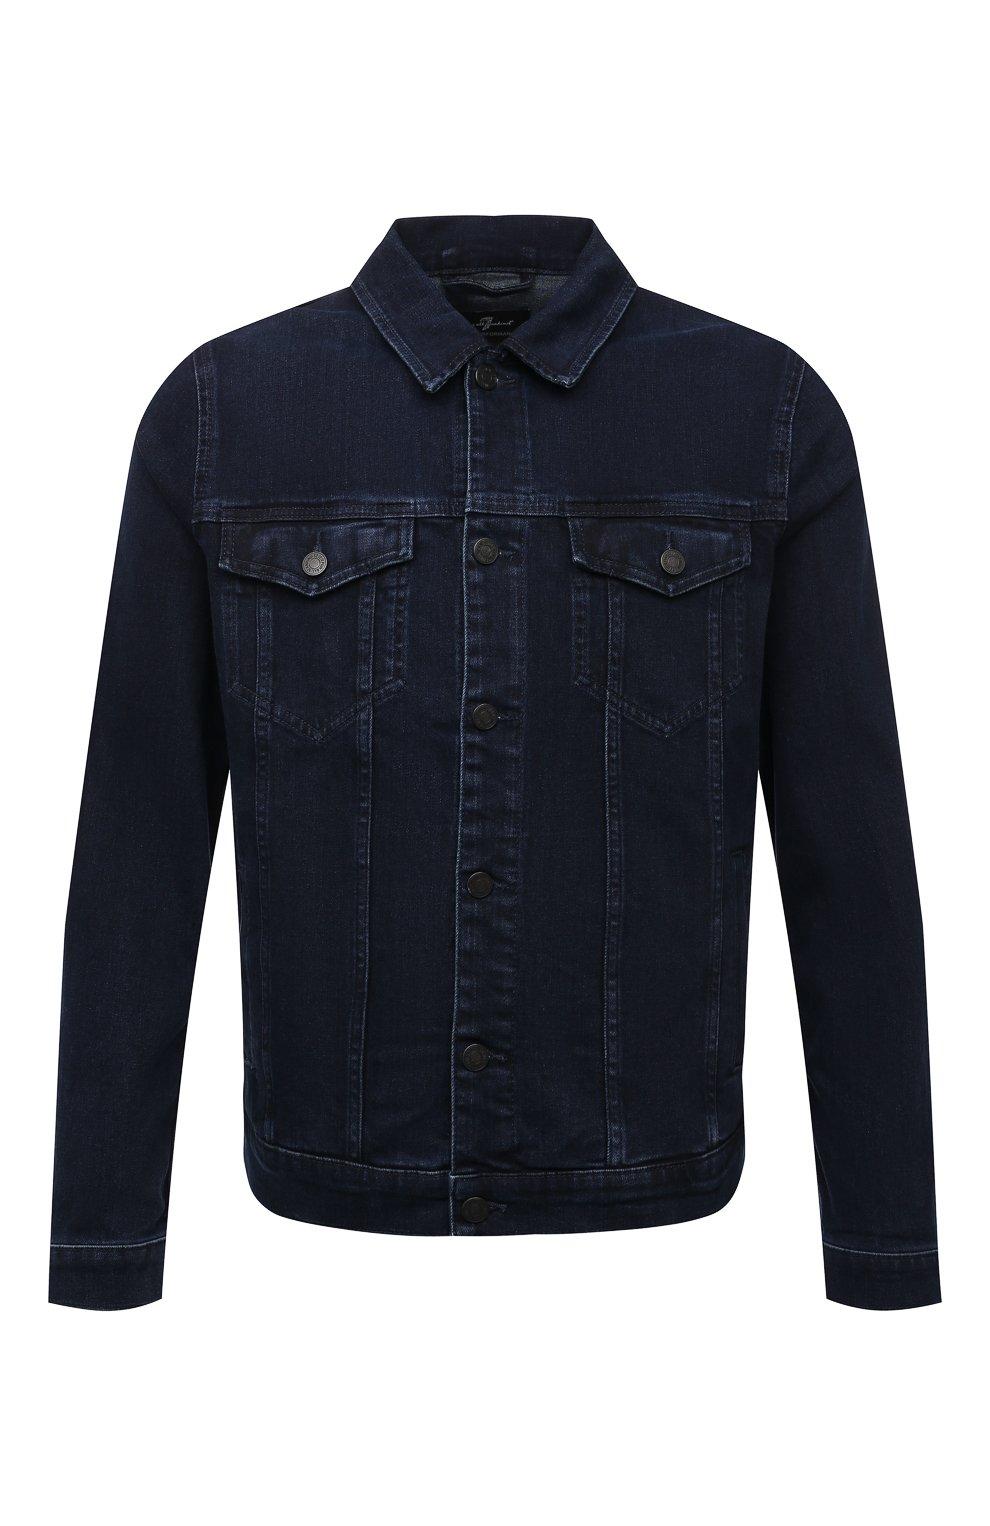 Мужская джинсовая куртка 7 FOR ALL MANKIND синего цвета, арт. JSK5R460LL | Фото 1 (Кросс-КТ: Куртка; Рукава: Длинные; Материал внешний: Хлопок, Деним; Длина (верхняя одежда): Короткие; Стили: Кэжуэл)